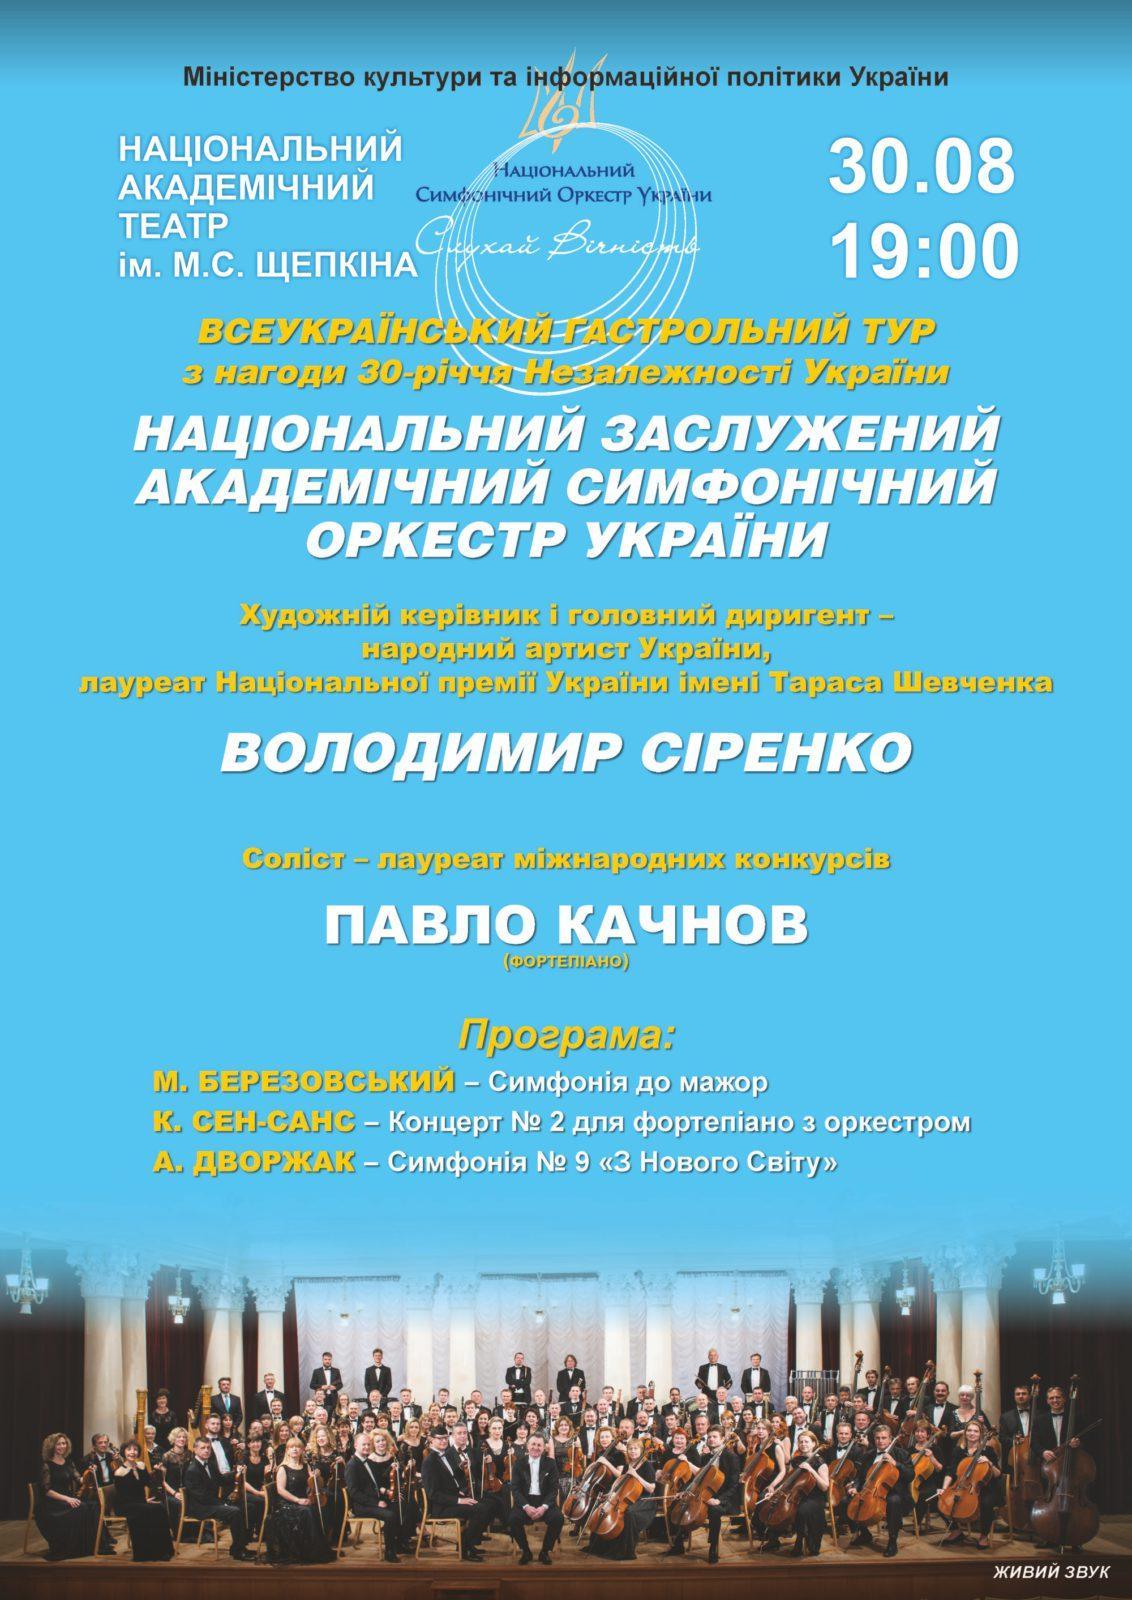 ВСЕУКРАЇНСЬКИЙ ГАСТРОЛЬНИЙ ТУР з нагоди 30-річчя Незалежності України